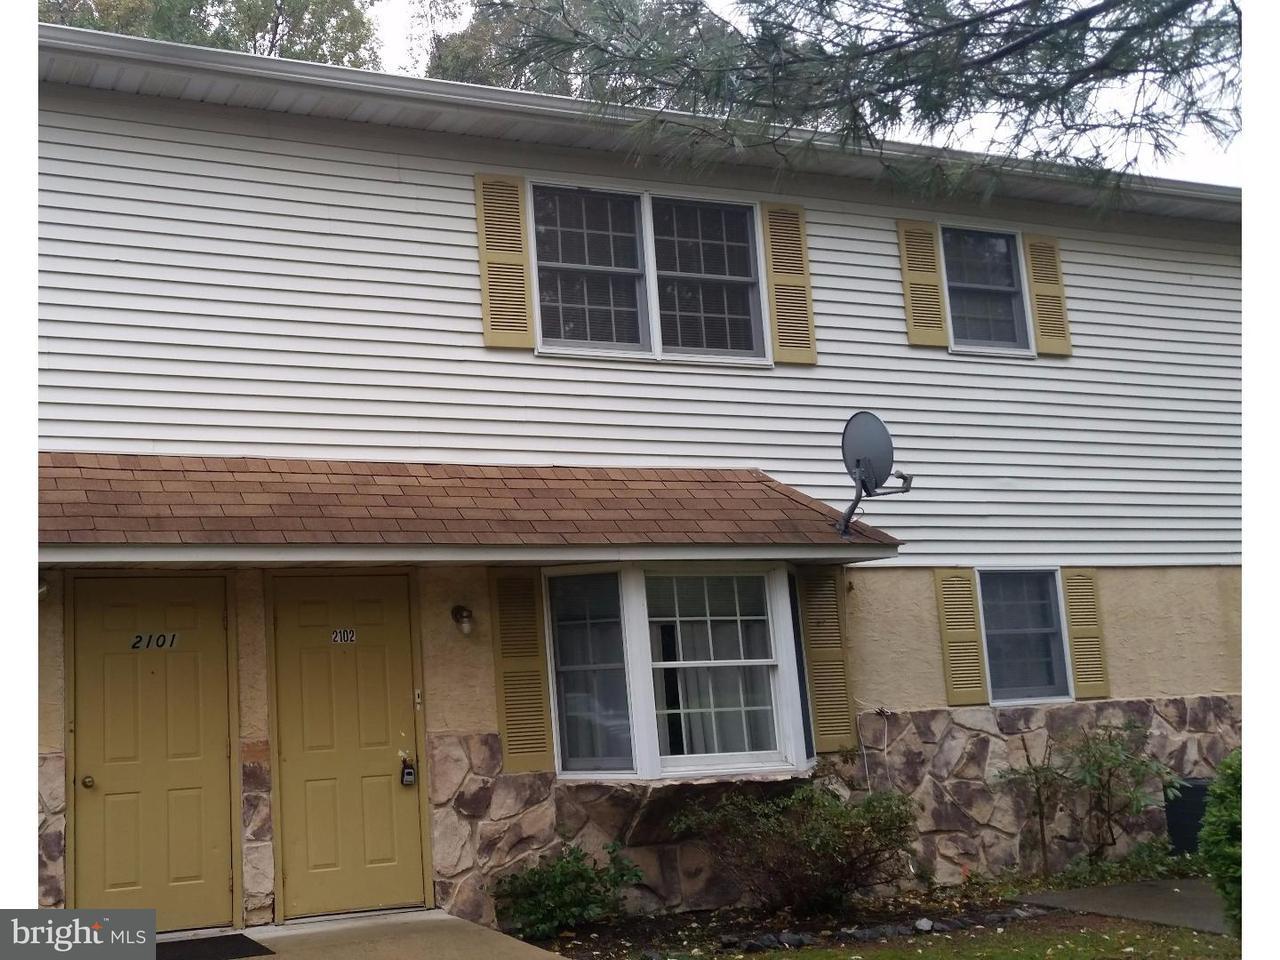 Частный односемейный дом для того Аренда на 2102-2 WHITPAIN HLS Blue Bell, Пенсильвания 19422 Соединенные Штаты